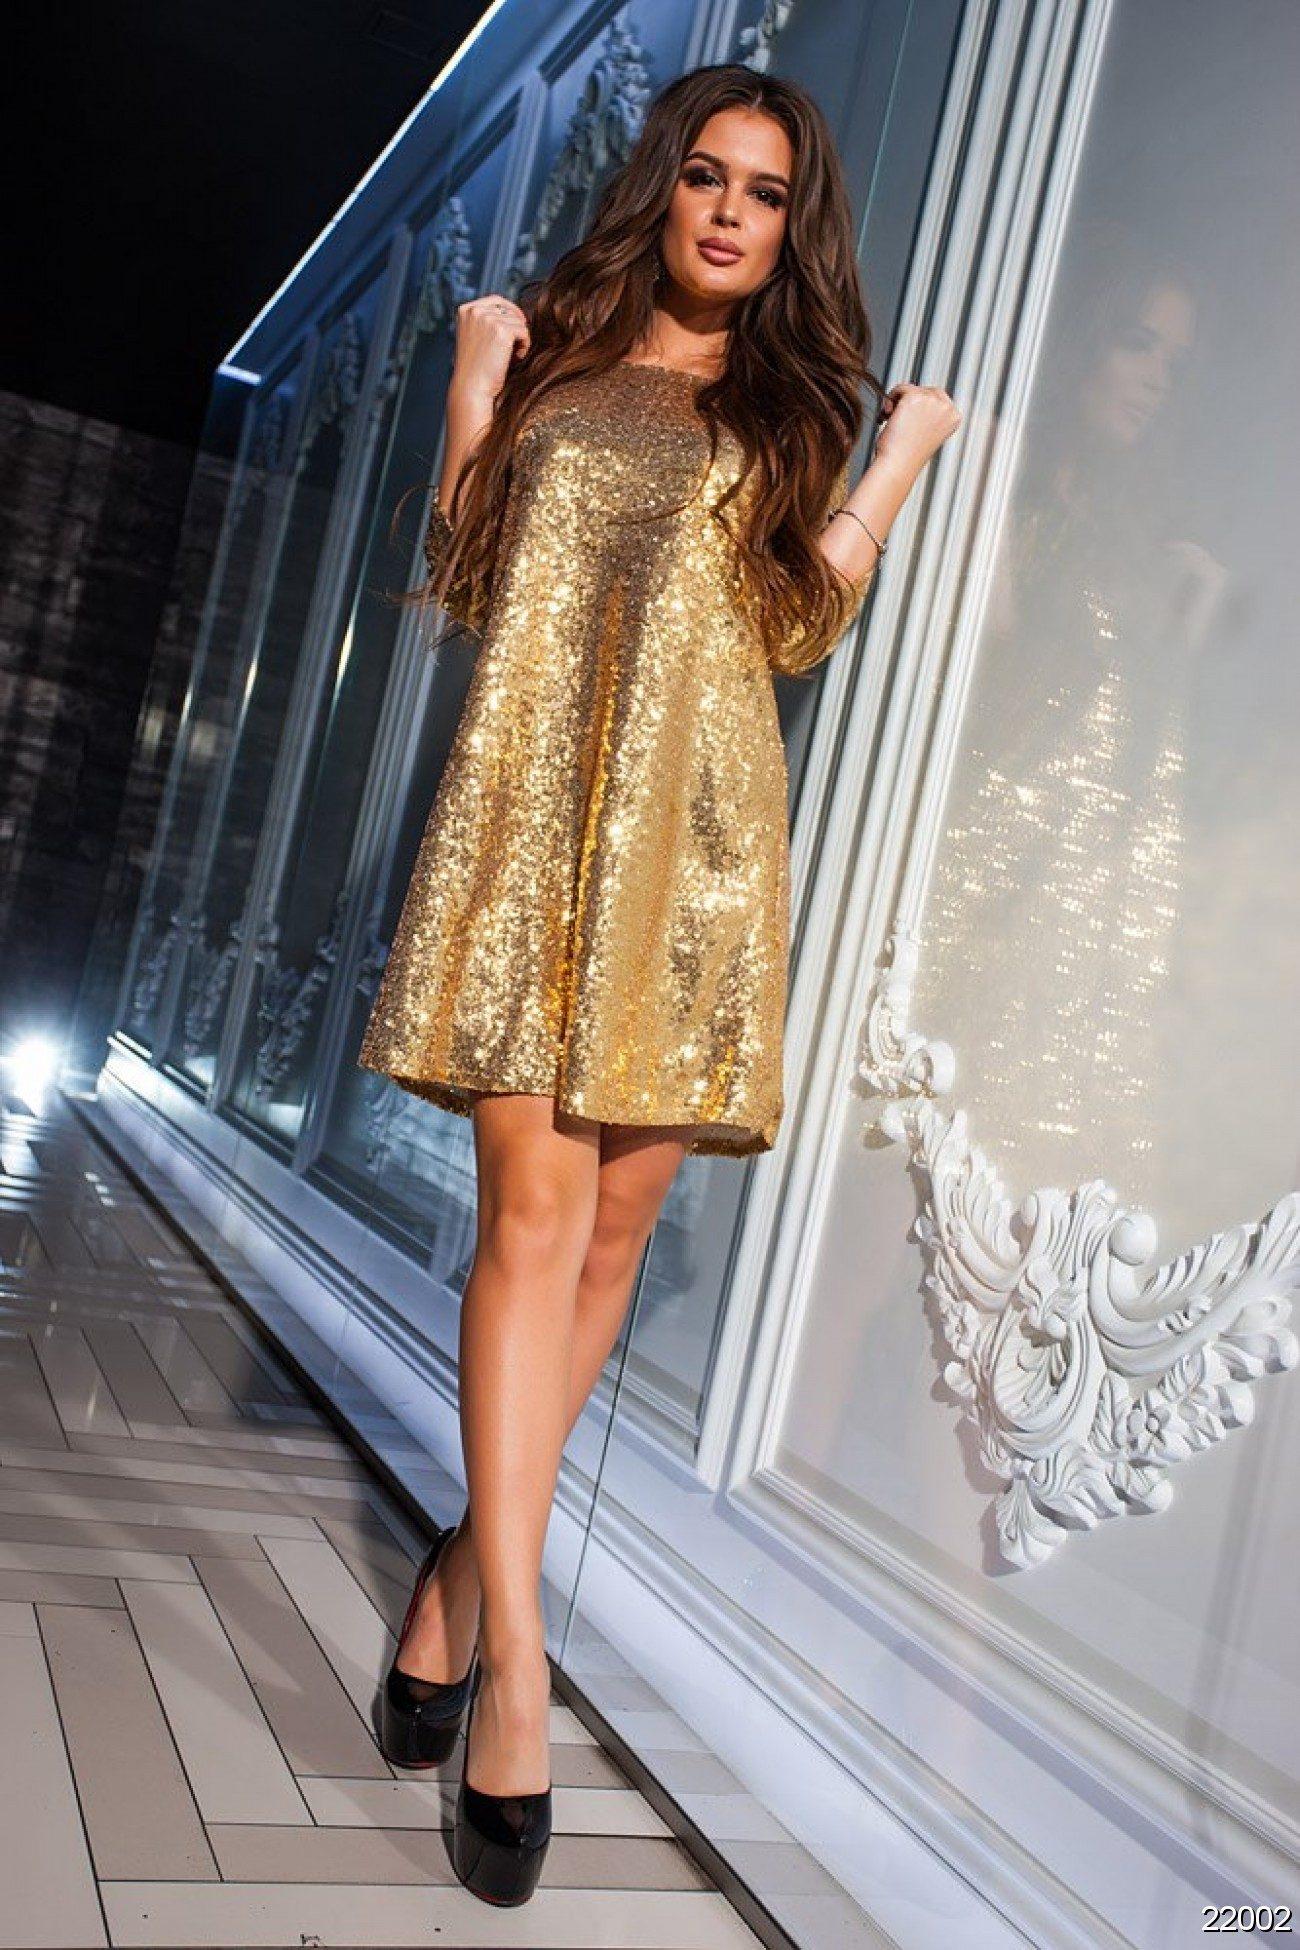 993e4679038 Шикарное платье на новый год 2019  трендовые модели уходящего года